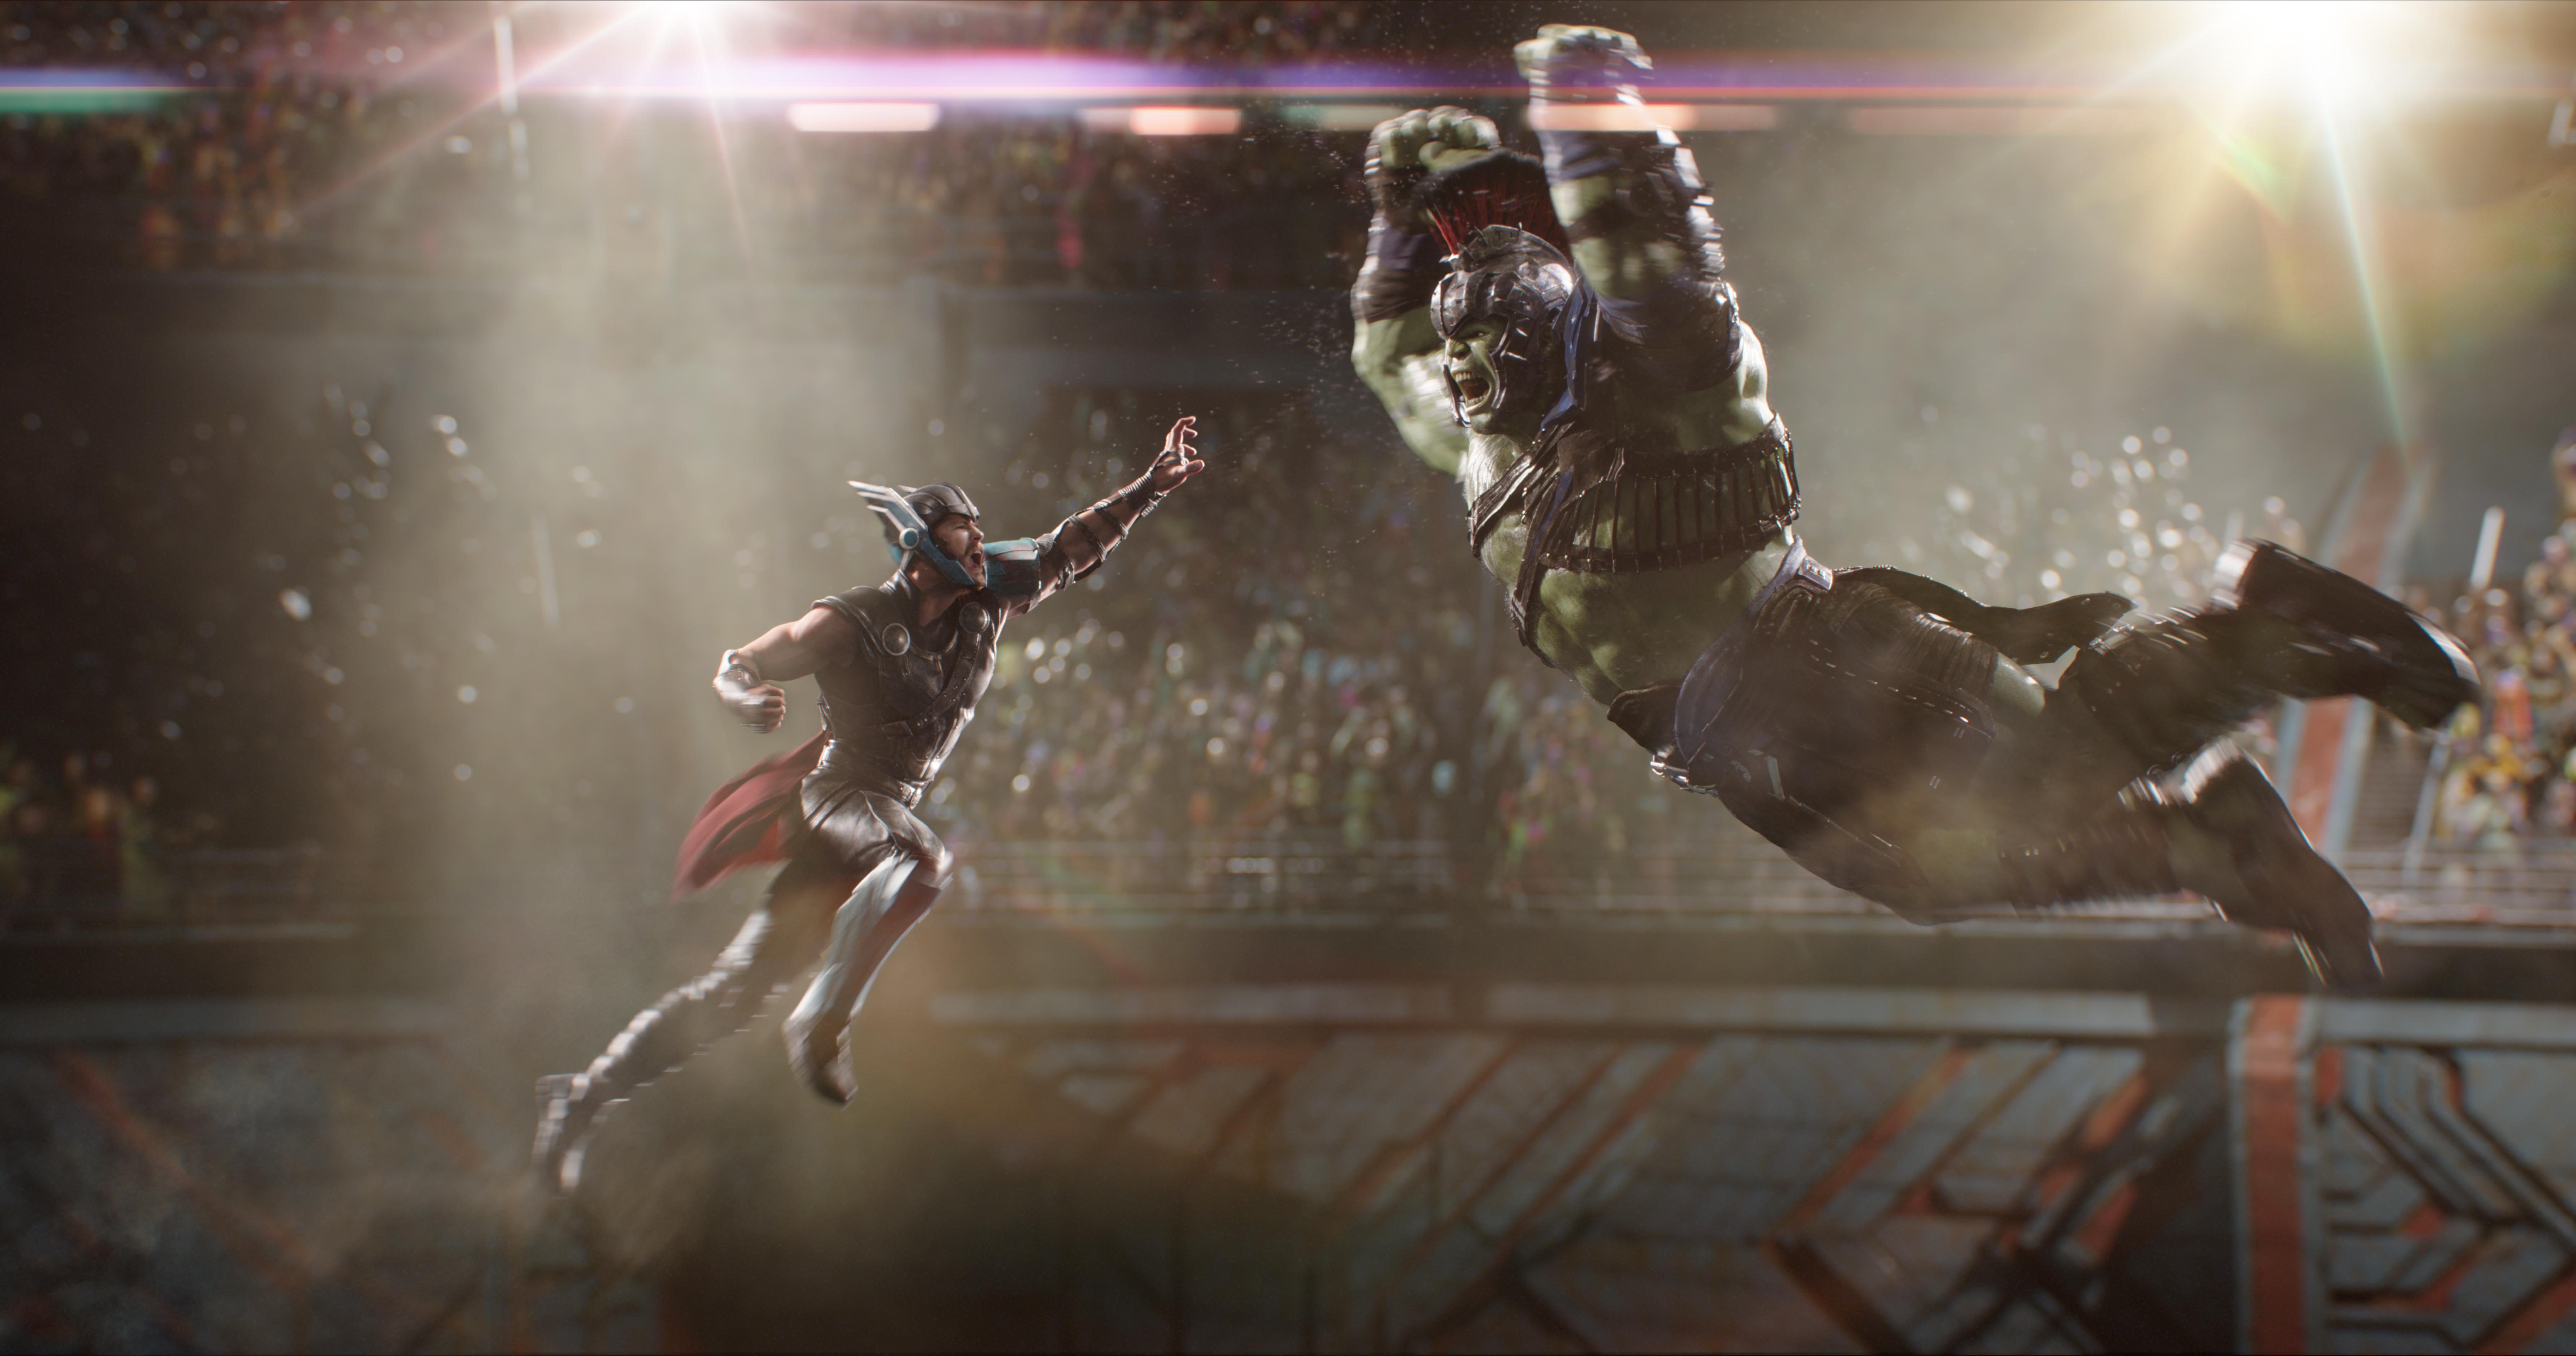 À esquerda, Thor se prepara para atacar Hulk, que está à direita e também pretende atacar Thor